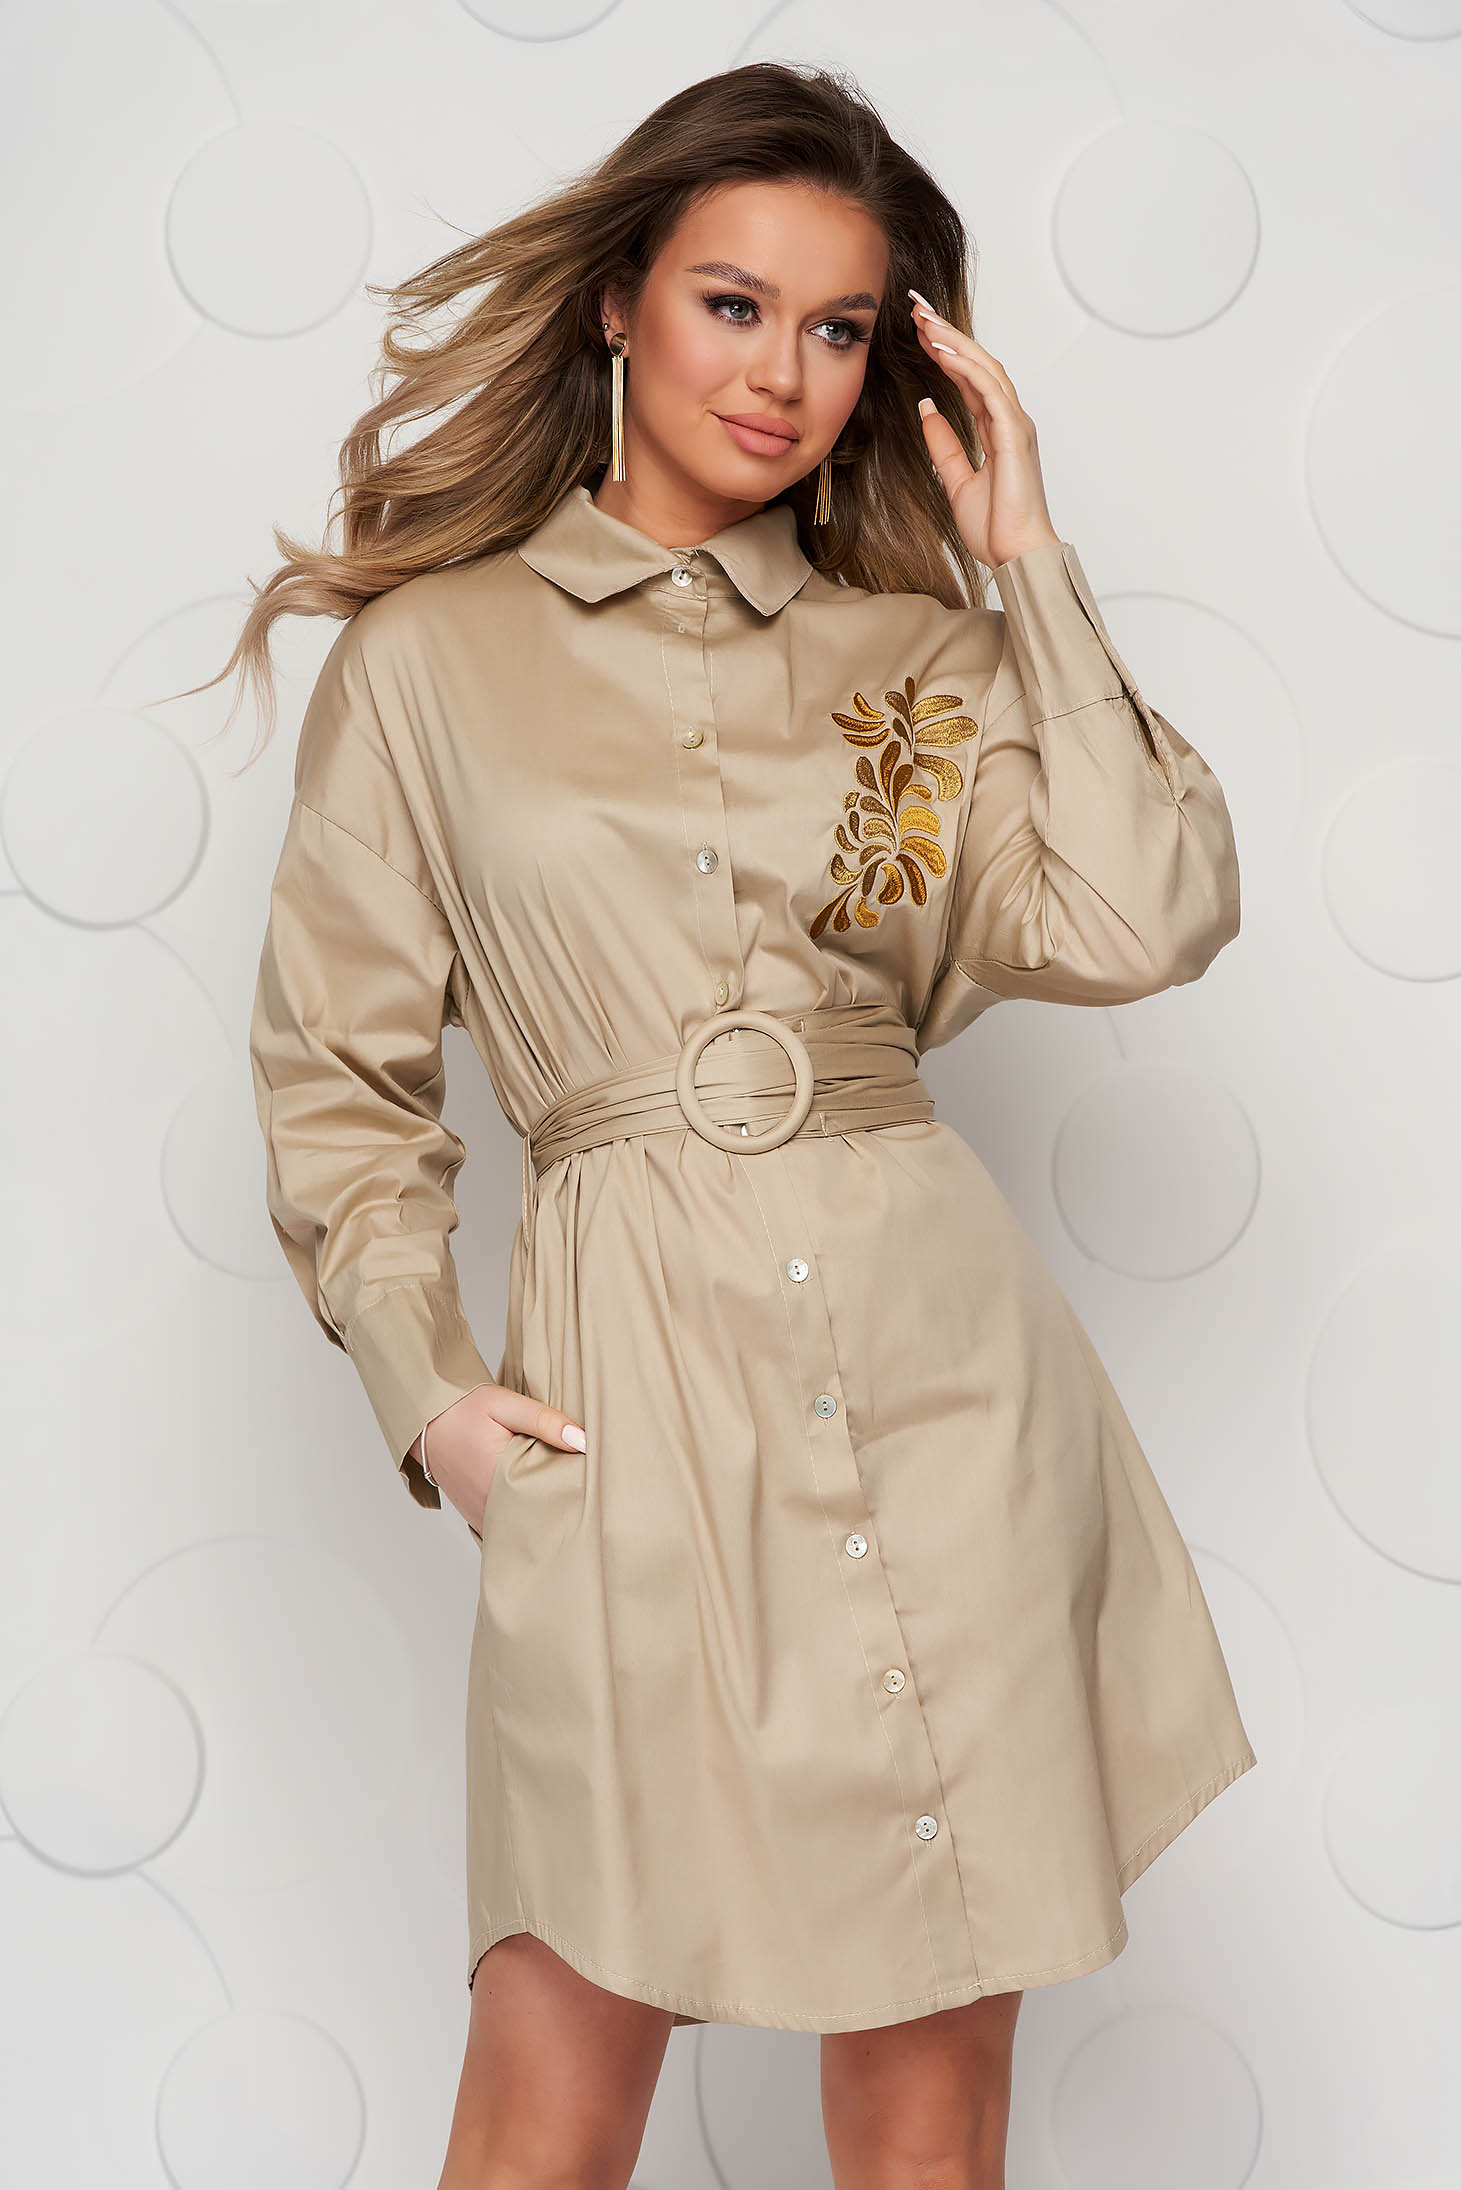 Krémszínű hímzett ruha vékony szövetből és öv típusú kiegészítővel